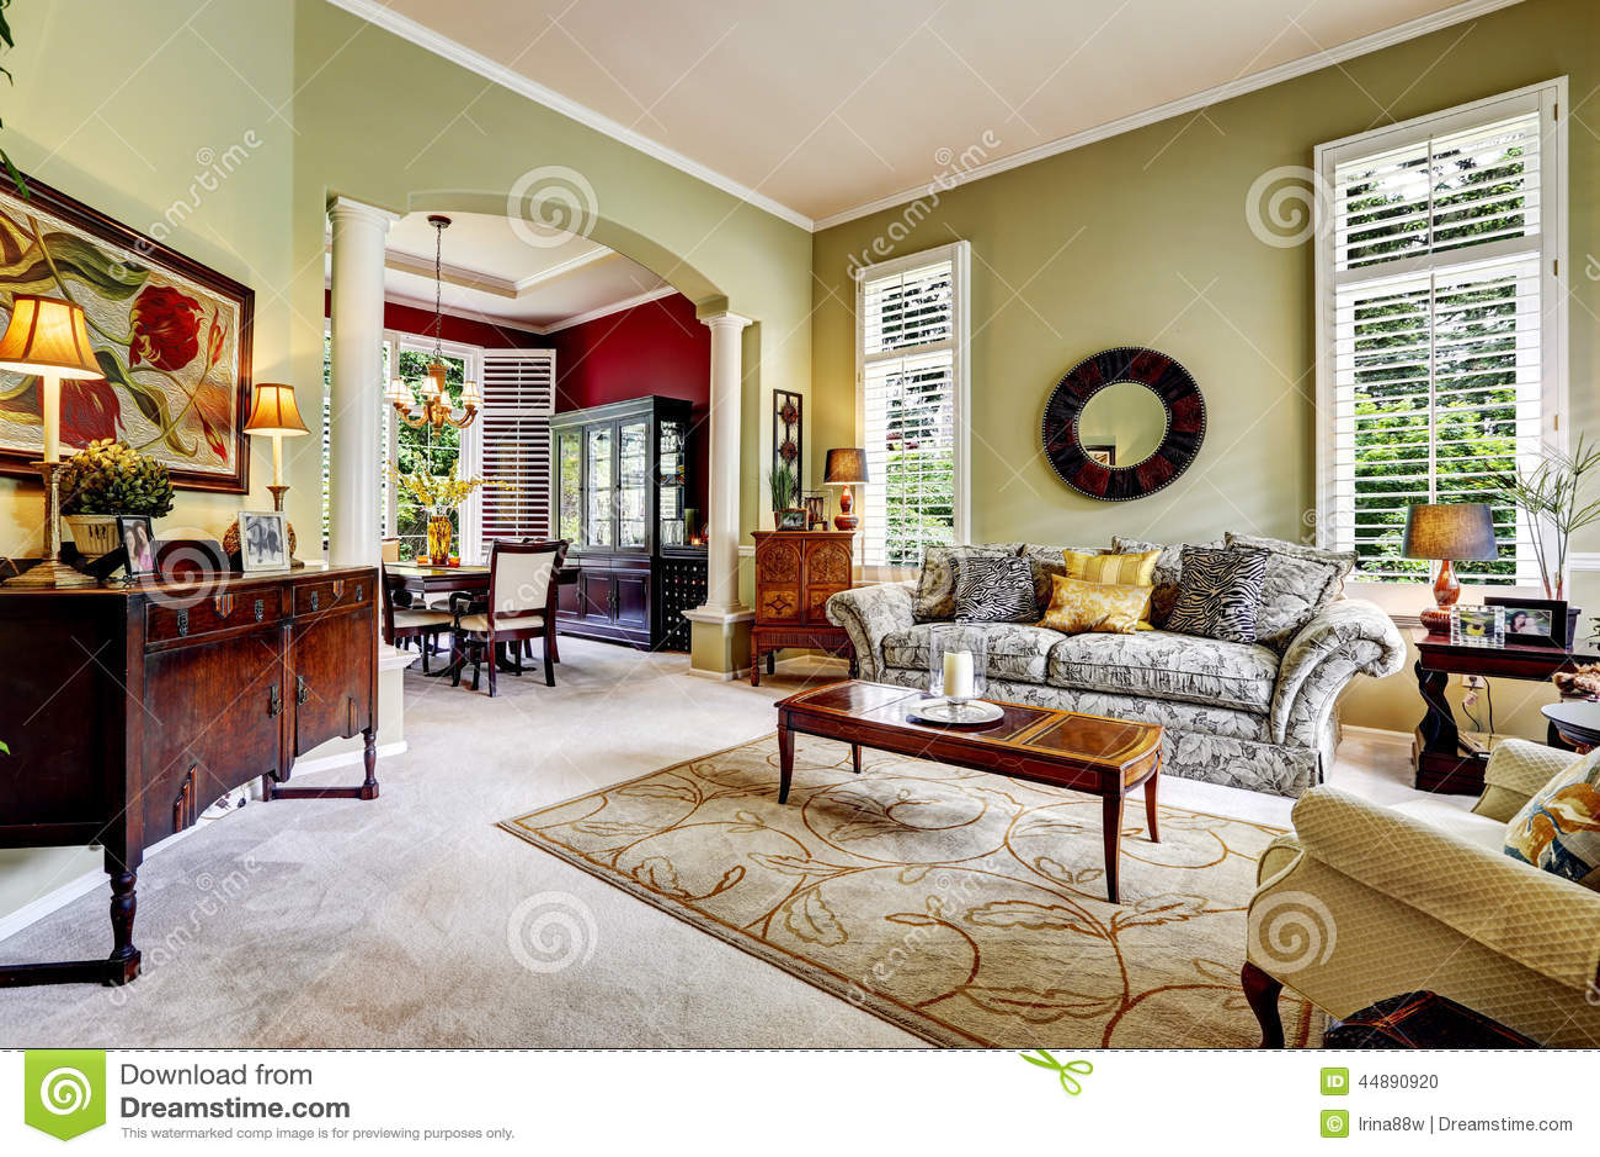 Int rieur de luxe de maison chambre familiale vert clair for Interieur luxe maison